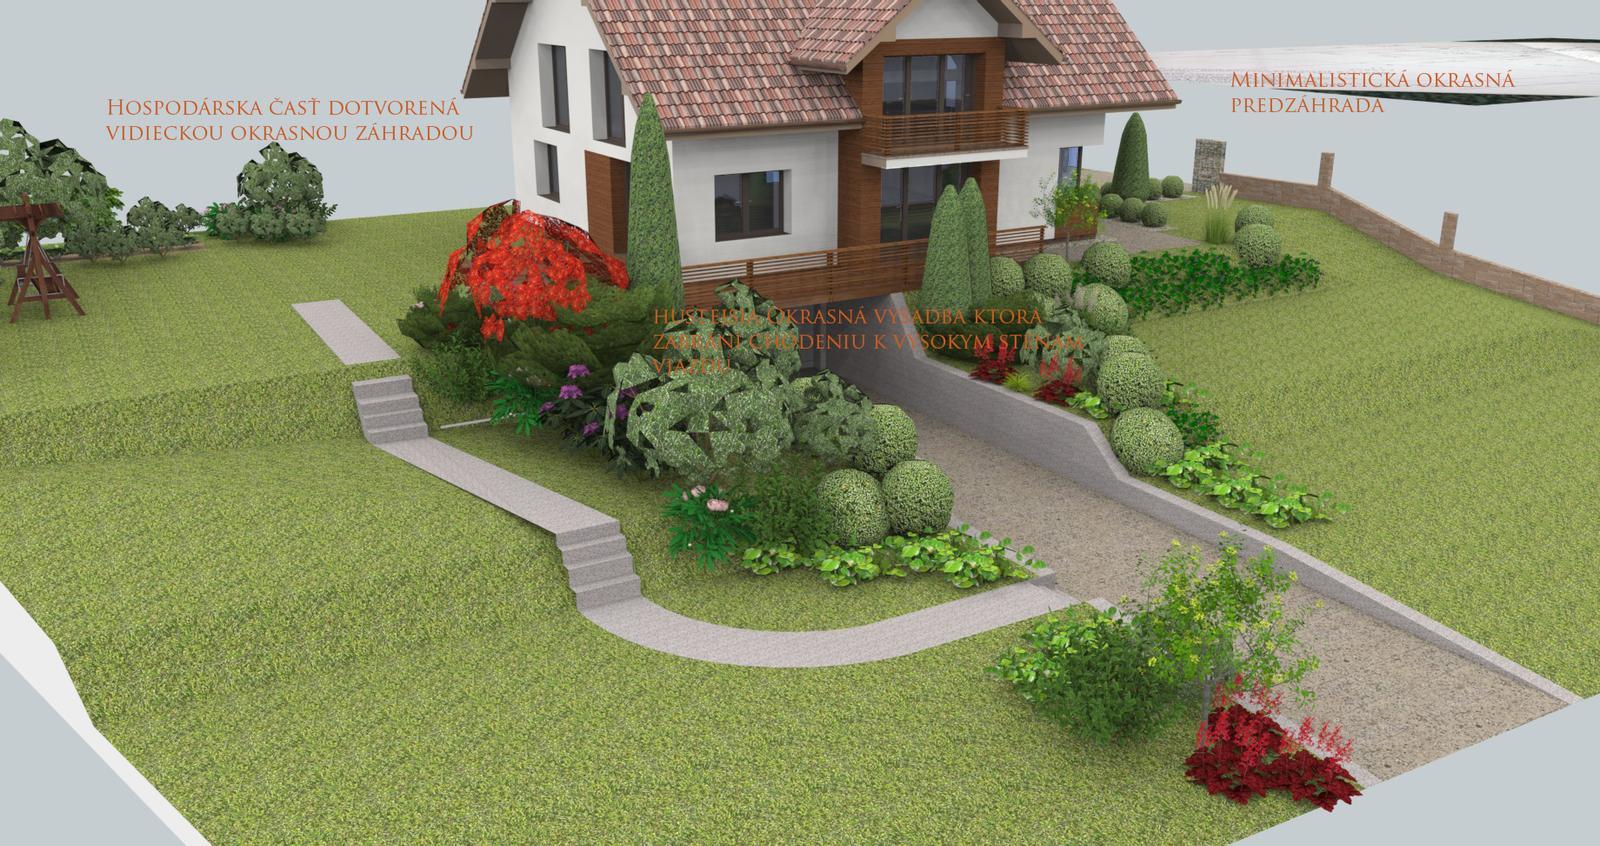 Prebiehajuce projekty - Návrh fasády, záhrady a chodníkov